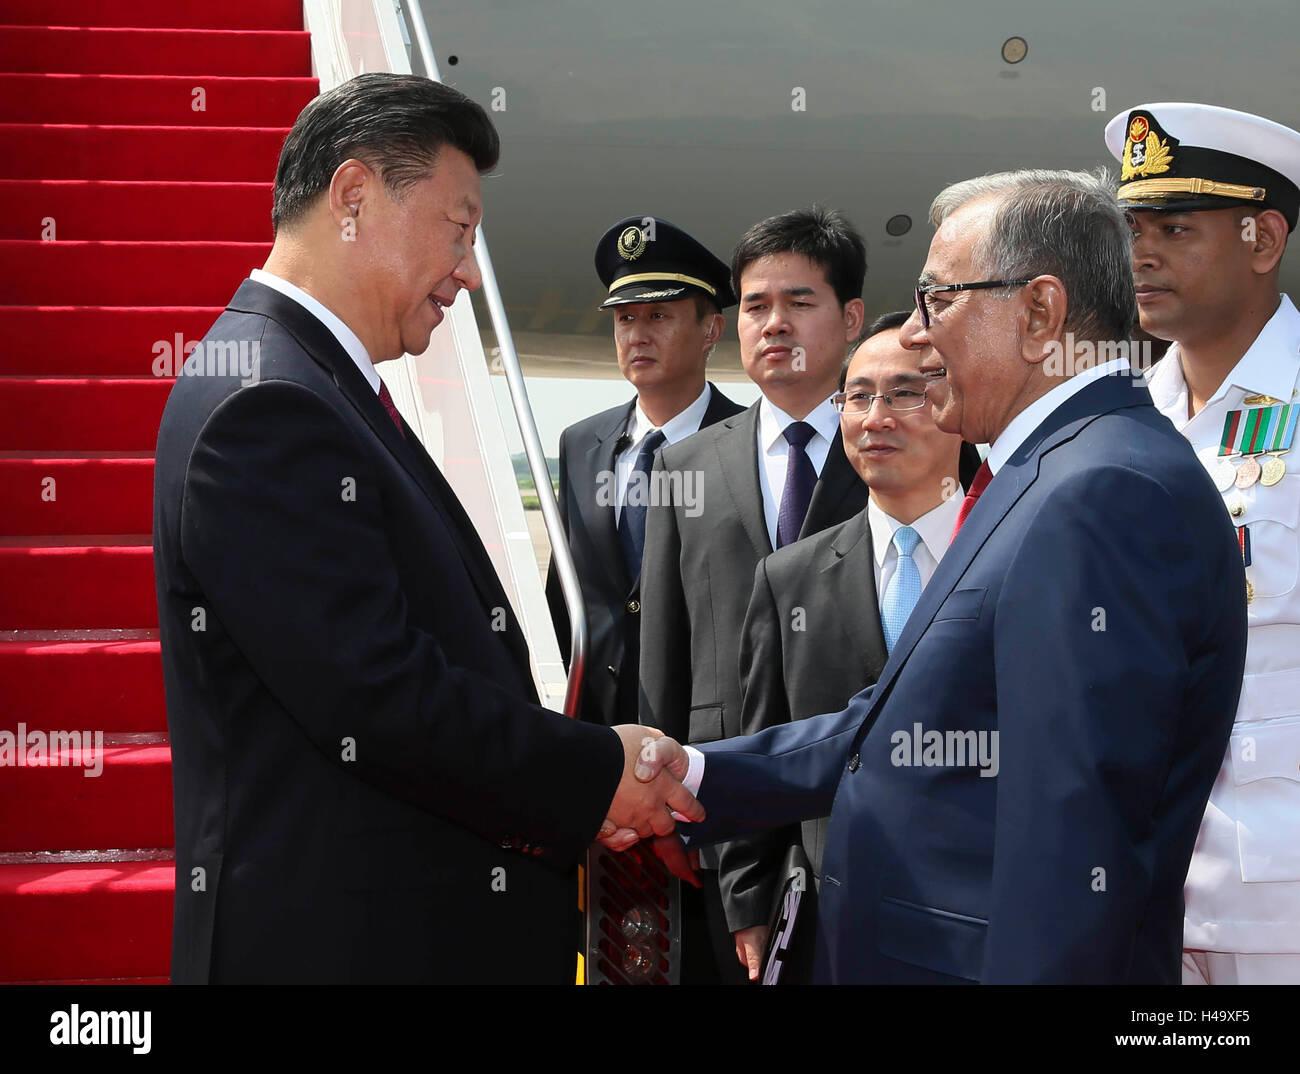 Dhaka, Bangladesh. 14Th Oct, 2016. Le président chinois Xi Jinping (L) est reçu par son homologue Bangladeshi Abdul Hamid (R) à son arrivée à l'aéroport de Dhaka, Bangladesh, le 14 octobre 2016. Xi Jinping est arrivé vendredi pour une visite d'état. Credit: Lan Hongguang/Xinhua/Alamy Live News Banque D'Images